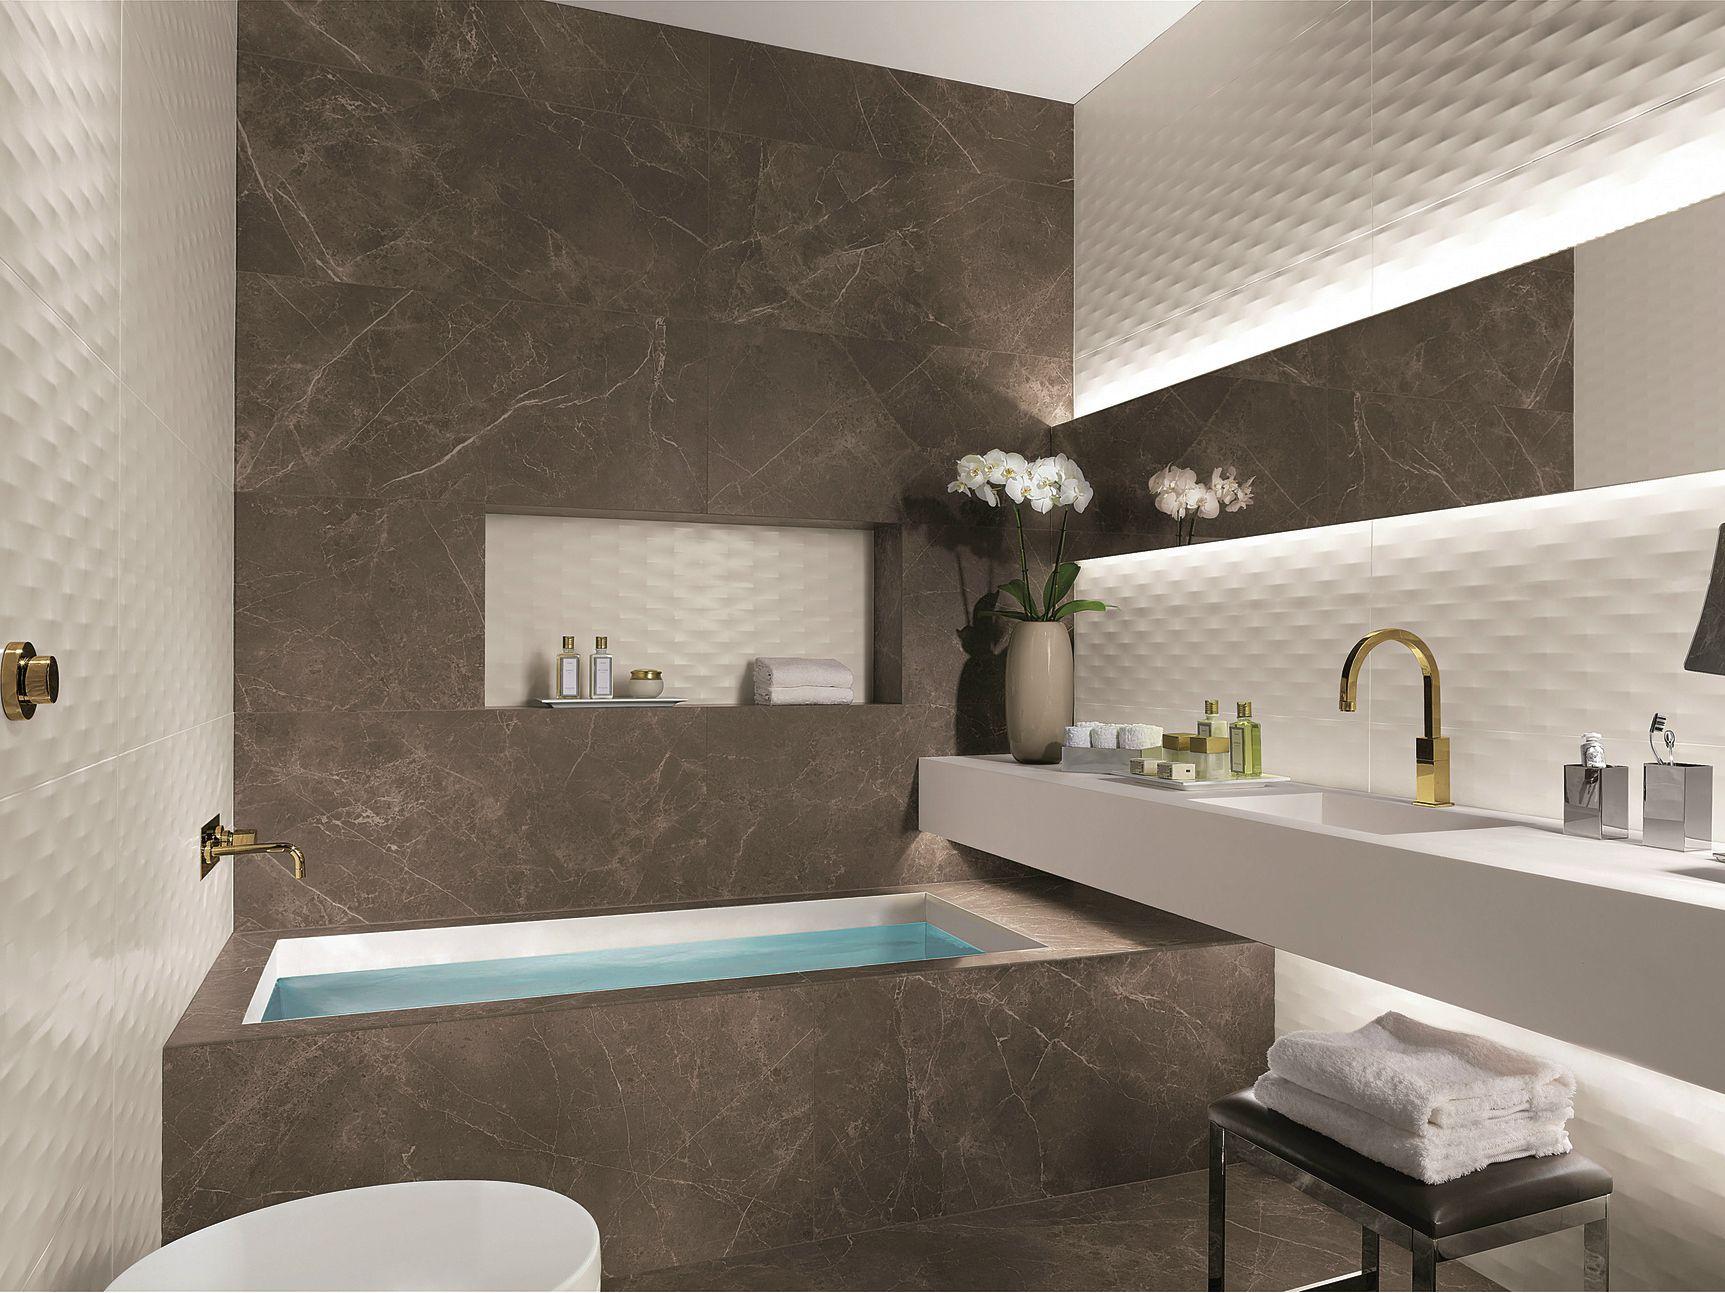 Rivestimento pavimento in gres porcellanato roma by fap ceramiche bathroom in 2018 - Pavimento e rivestimento bagno uguale ...